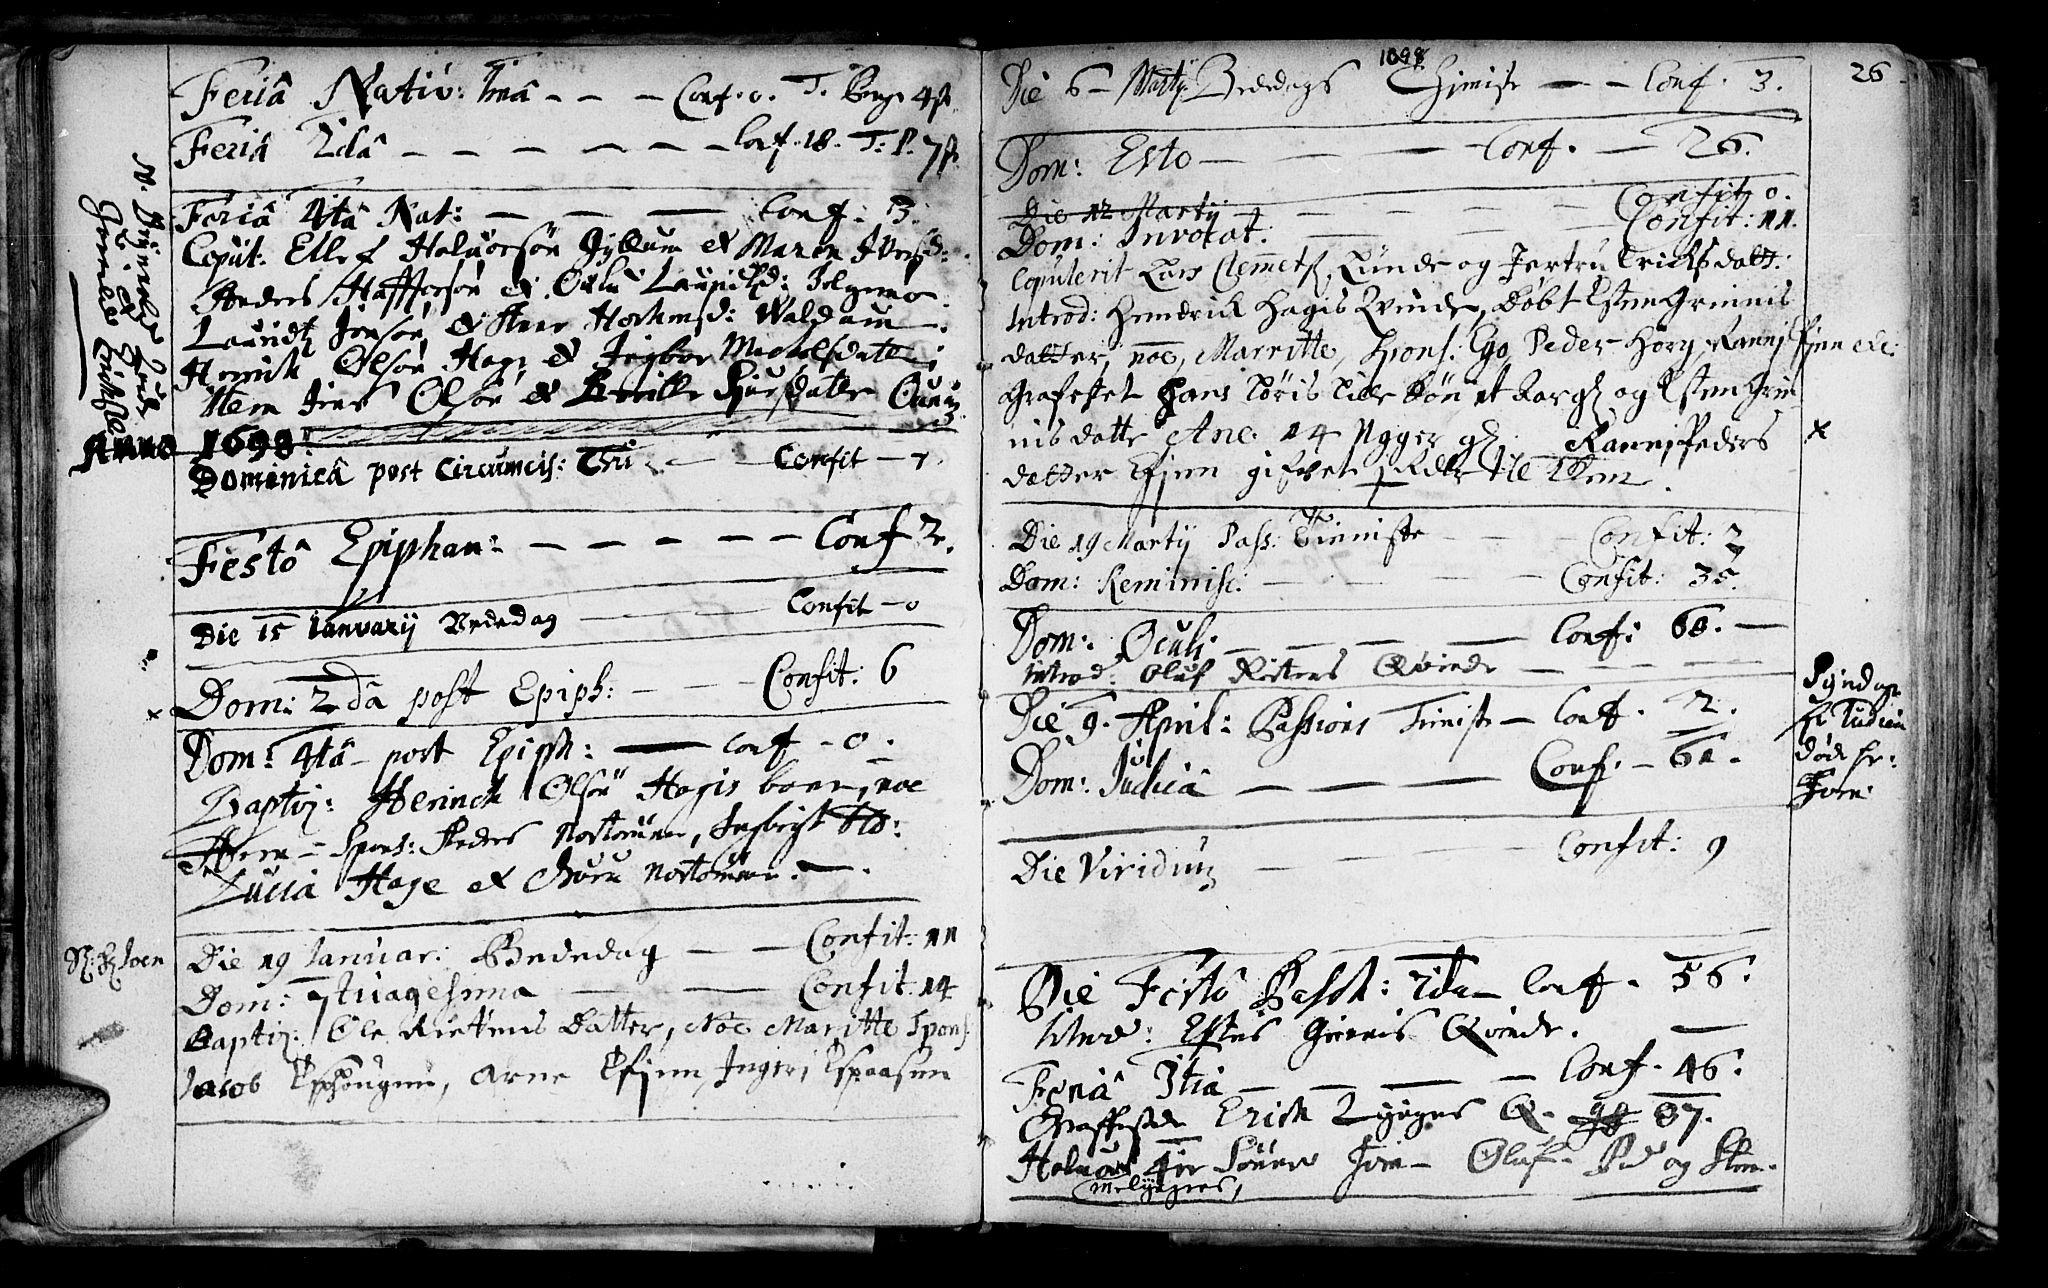 SAT, Ministerialprotokoller, klokkerbøker og fødselsregistre - Sør-Trøndelag, 692/L1101: Ministerialbok nr. 692A01, 1690-1746, s. 26